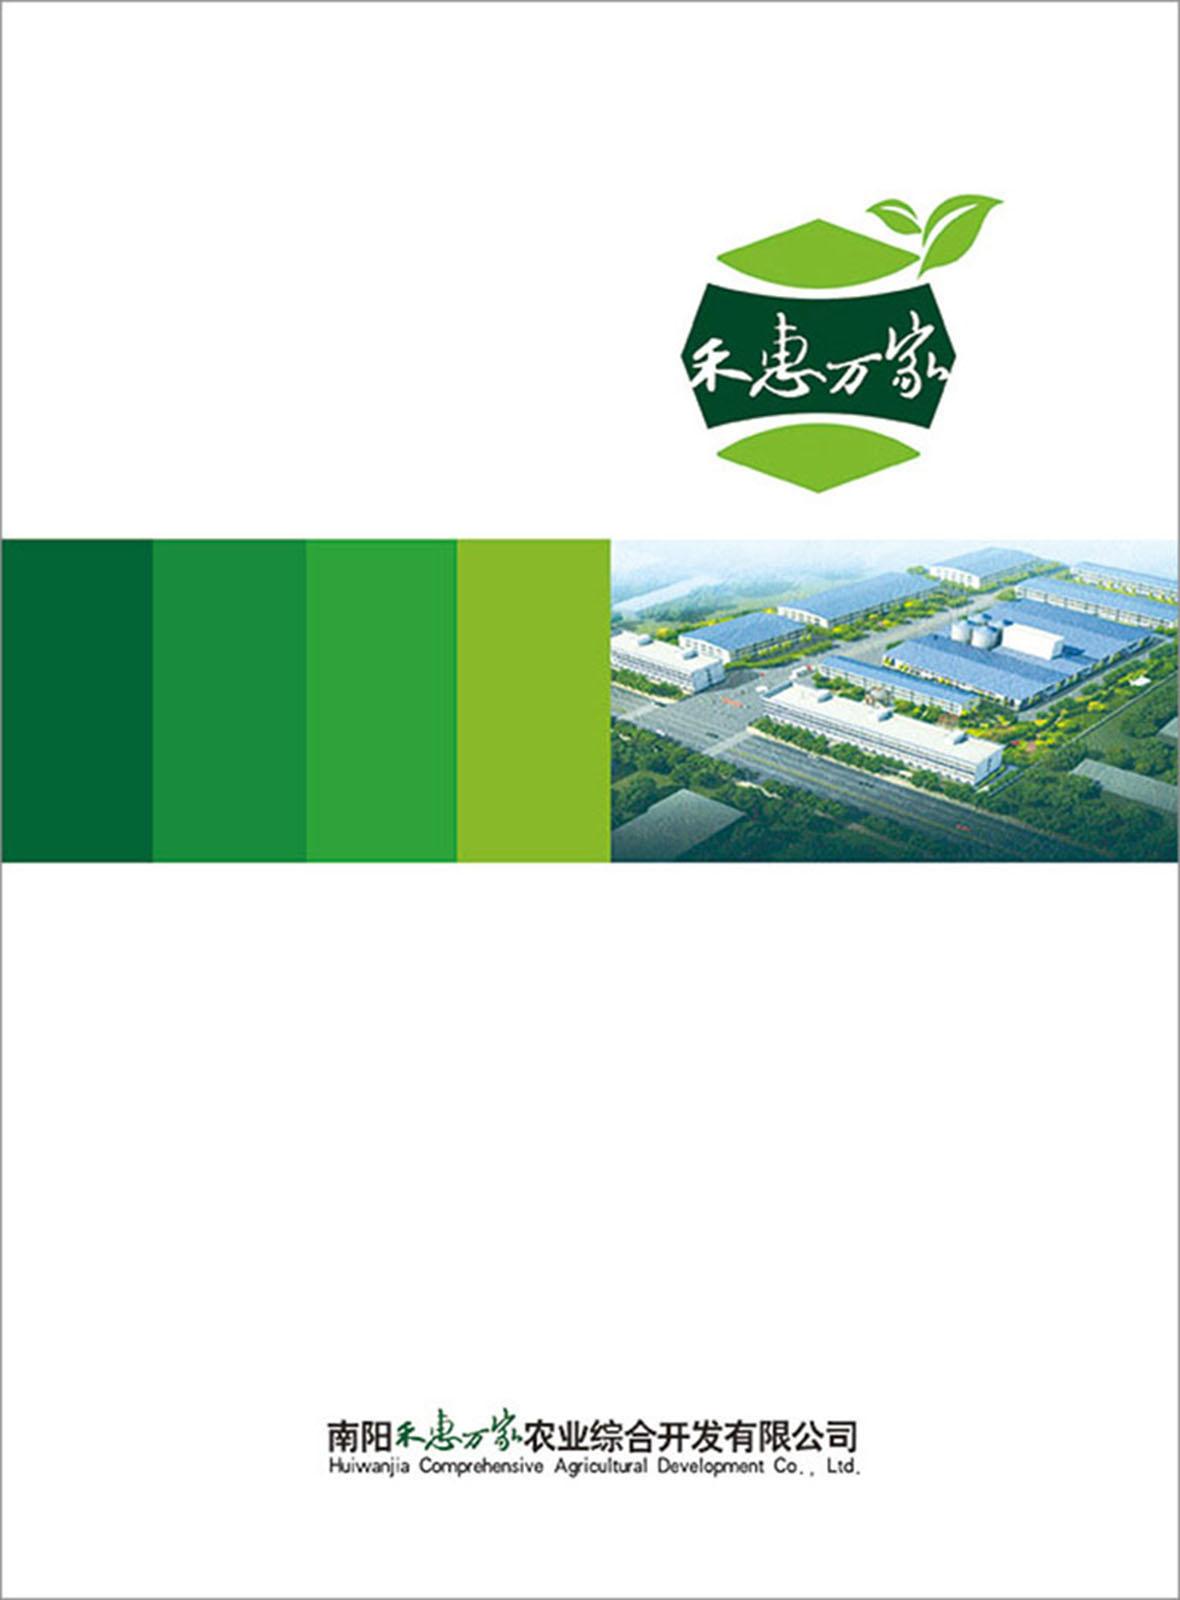 绿色养猪 绿色养猪-南阳惠万家农业集团